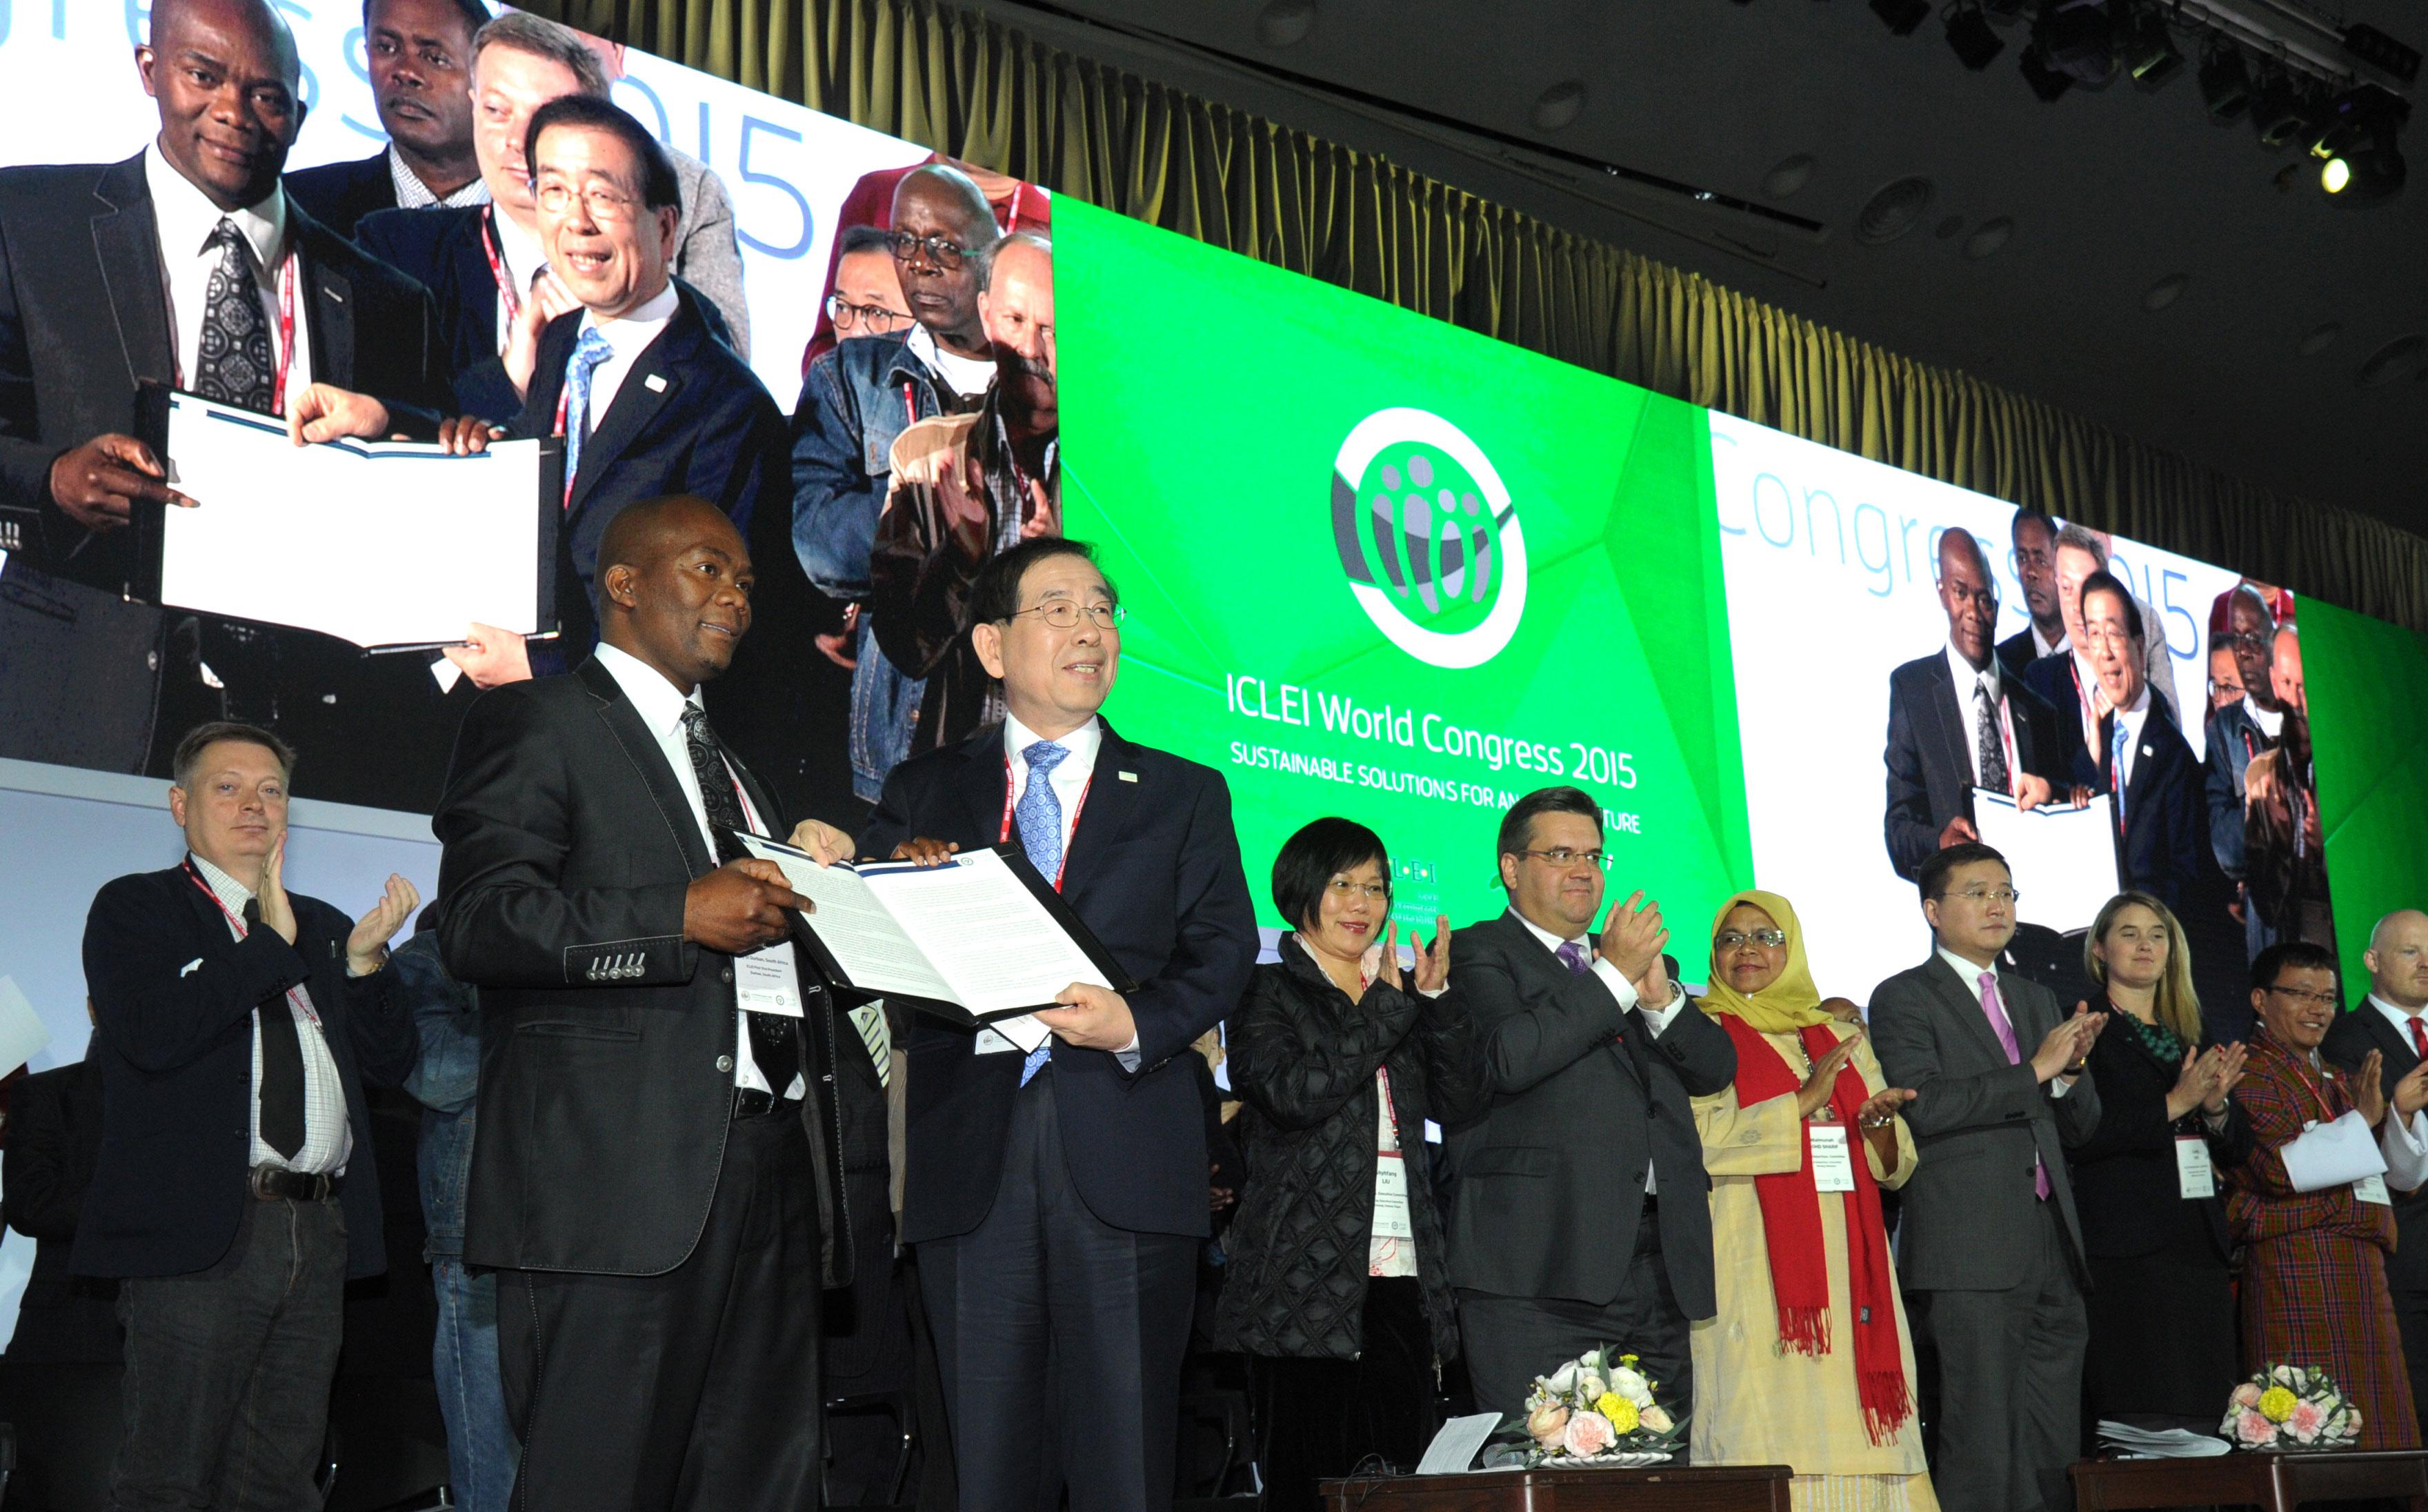 서울선언문-채택-전달-받은-박원순-ICLEI-회장-이어서-인사말씀-(2)